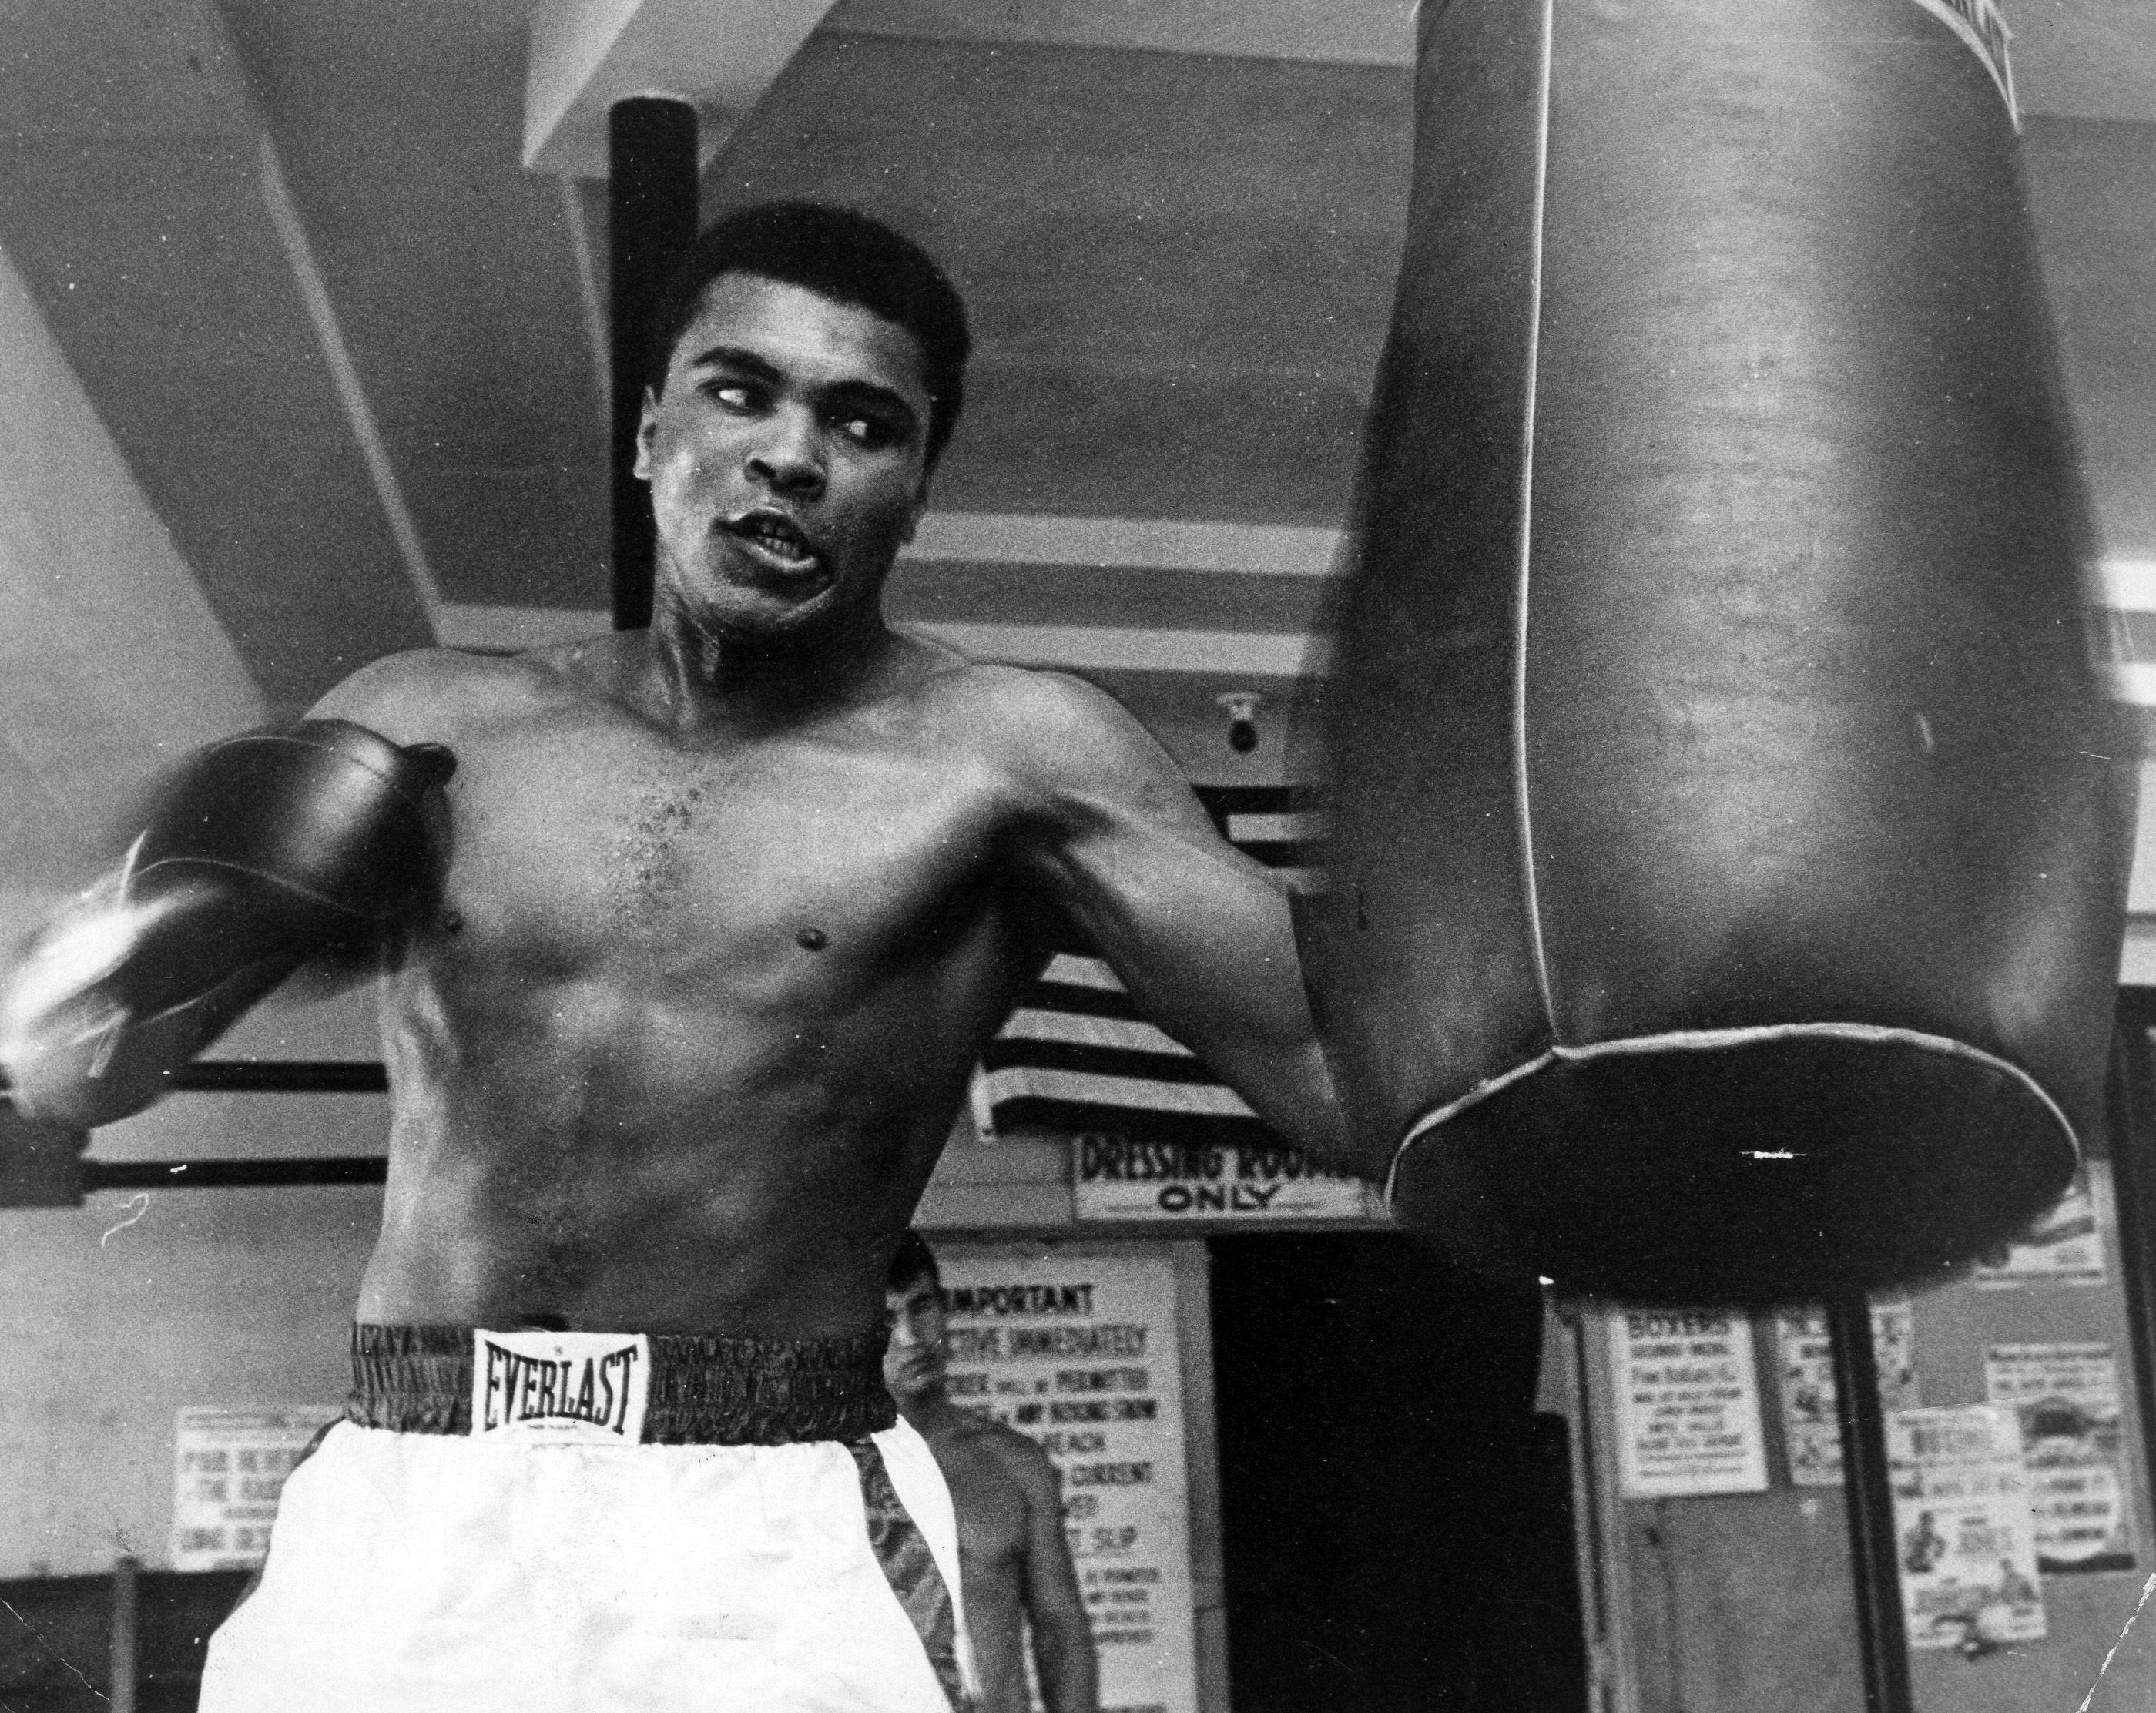 Addio a Muhammad Ali, leggenda del pugilato